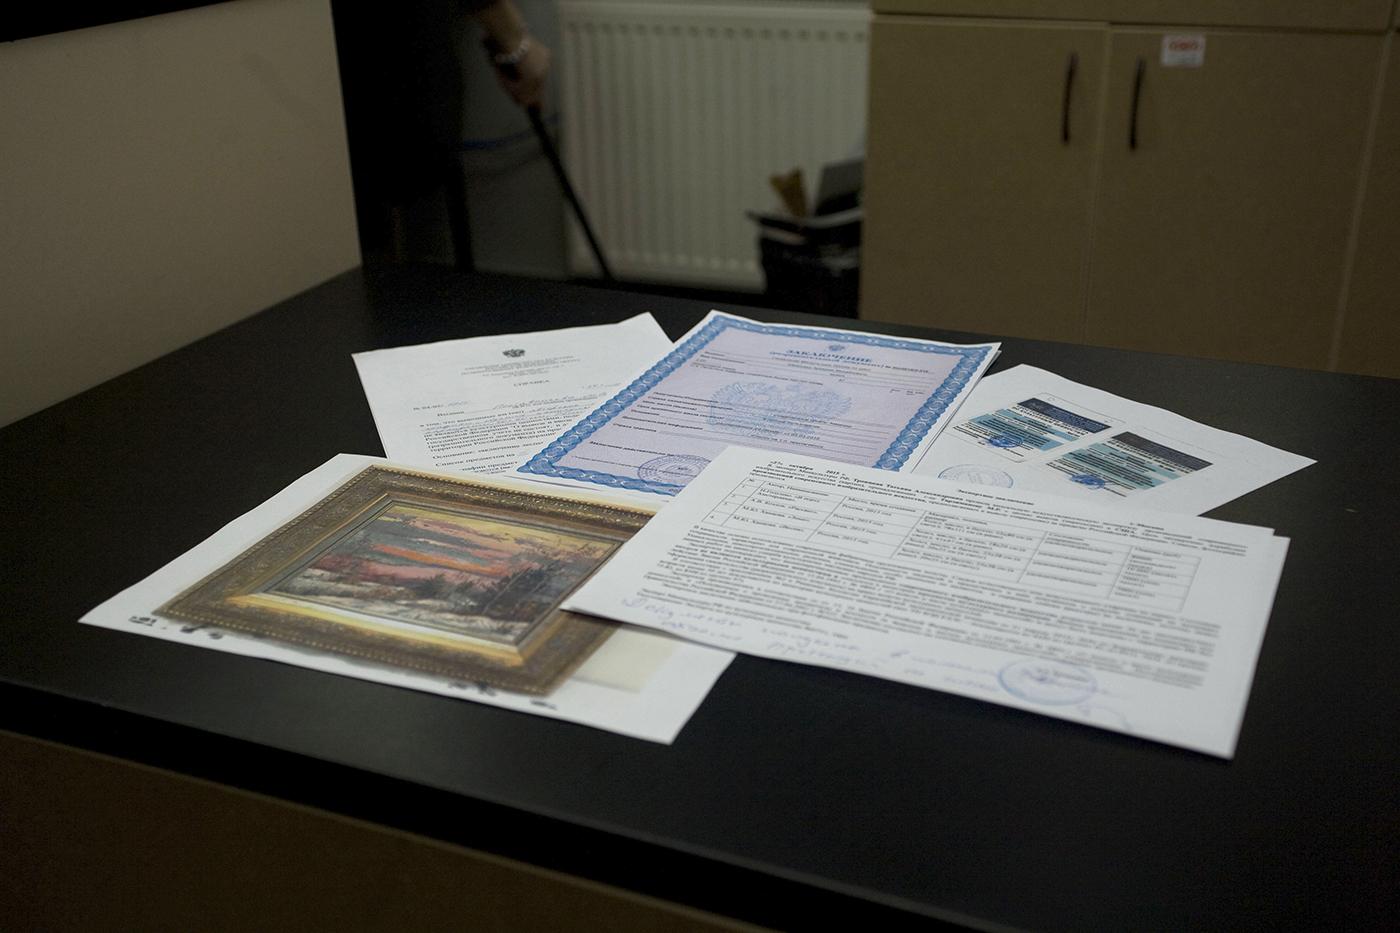 Офис перевозки картин за границу